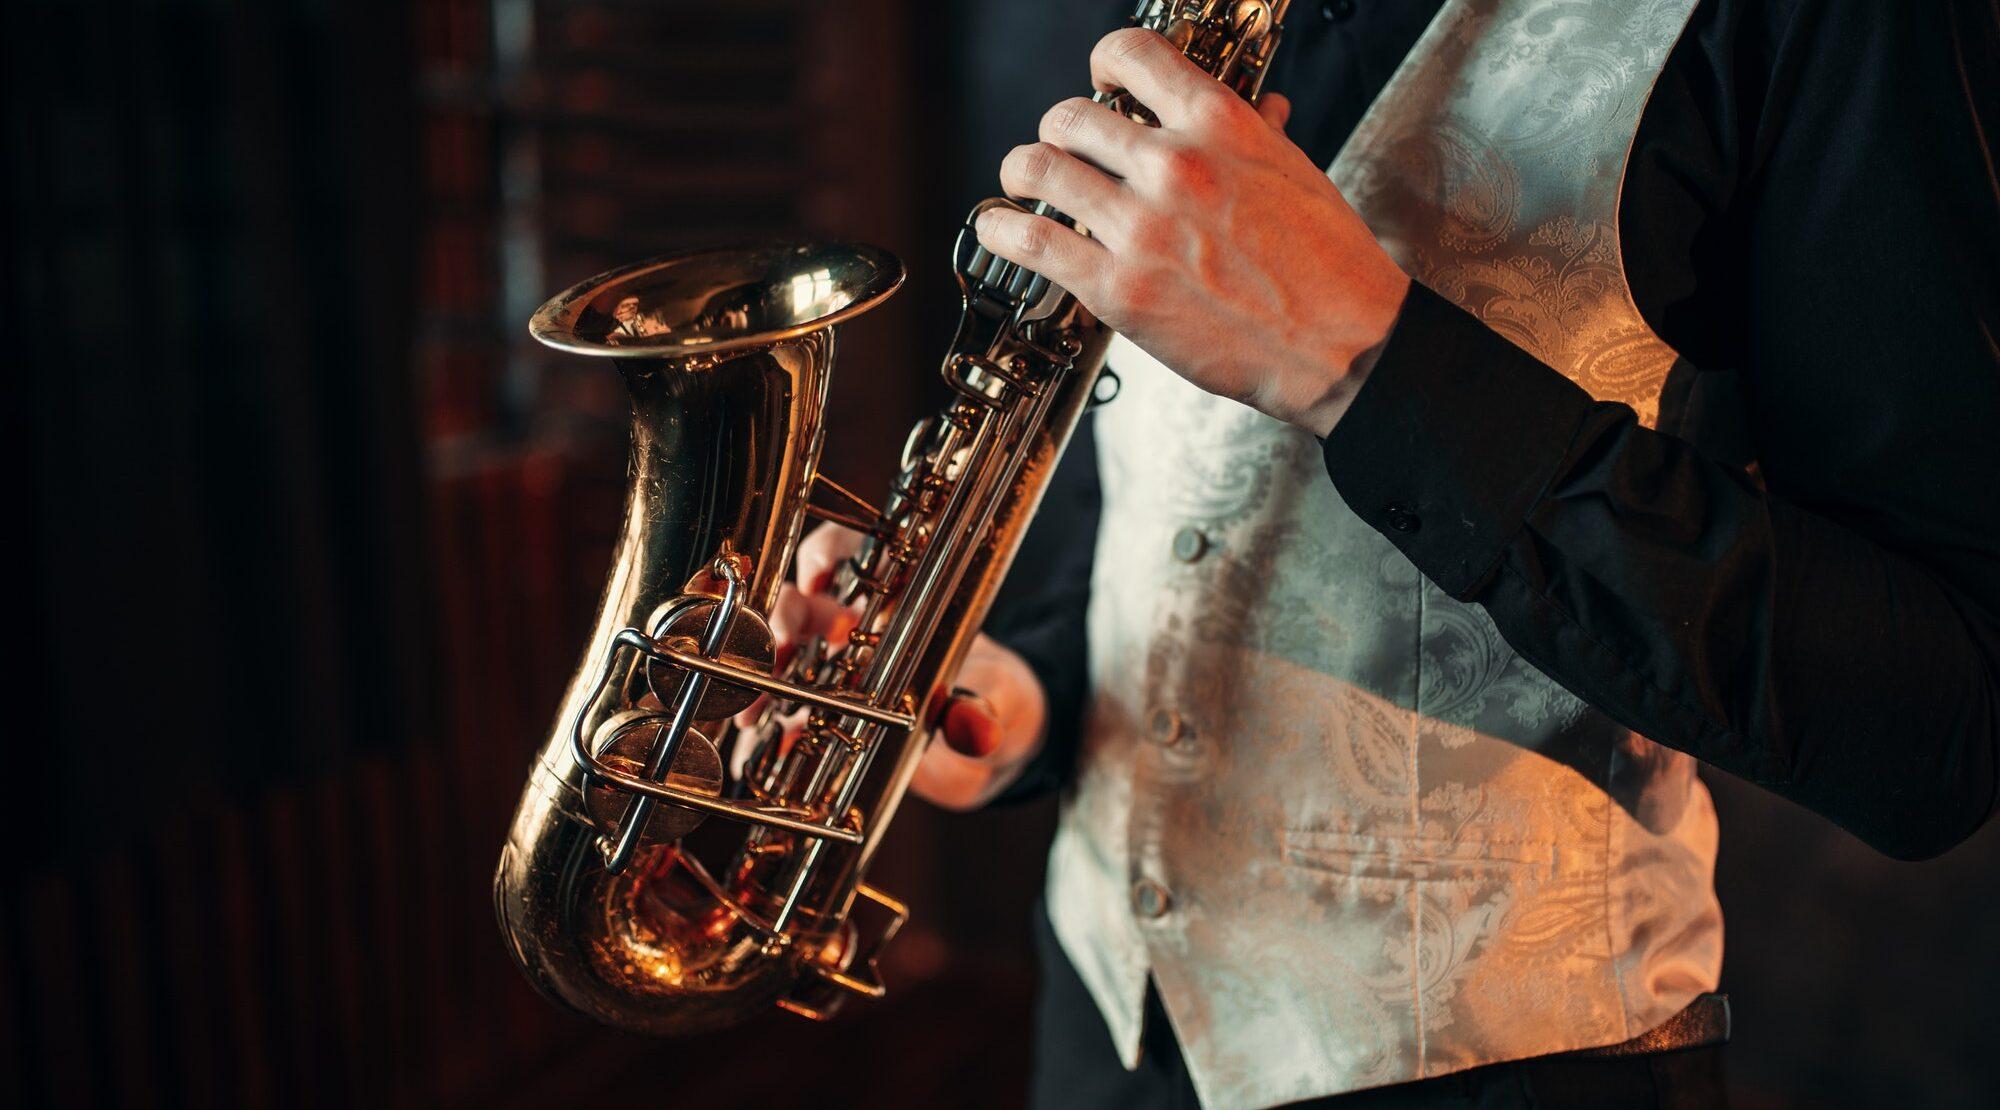 Póster de Pomigliano Jazz en Campania con el concierto en el cono del Vesubio